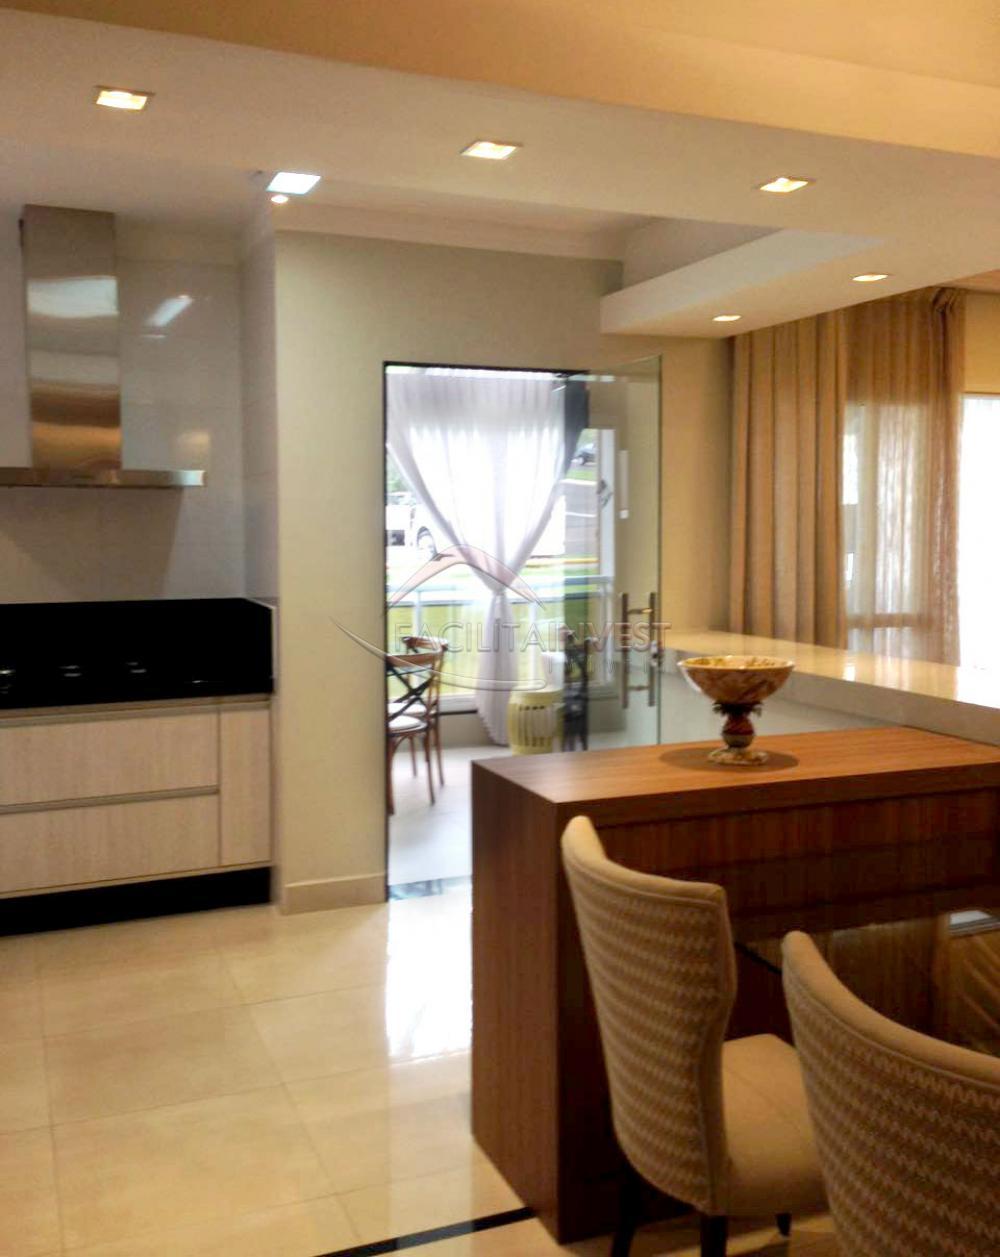 Comprar Lançamentos/ Empreendimentos em Construç / Apartamento padrão - Lançamento em Ribeirão Preto apenas R$ 958.391,00 - Foto 2